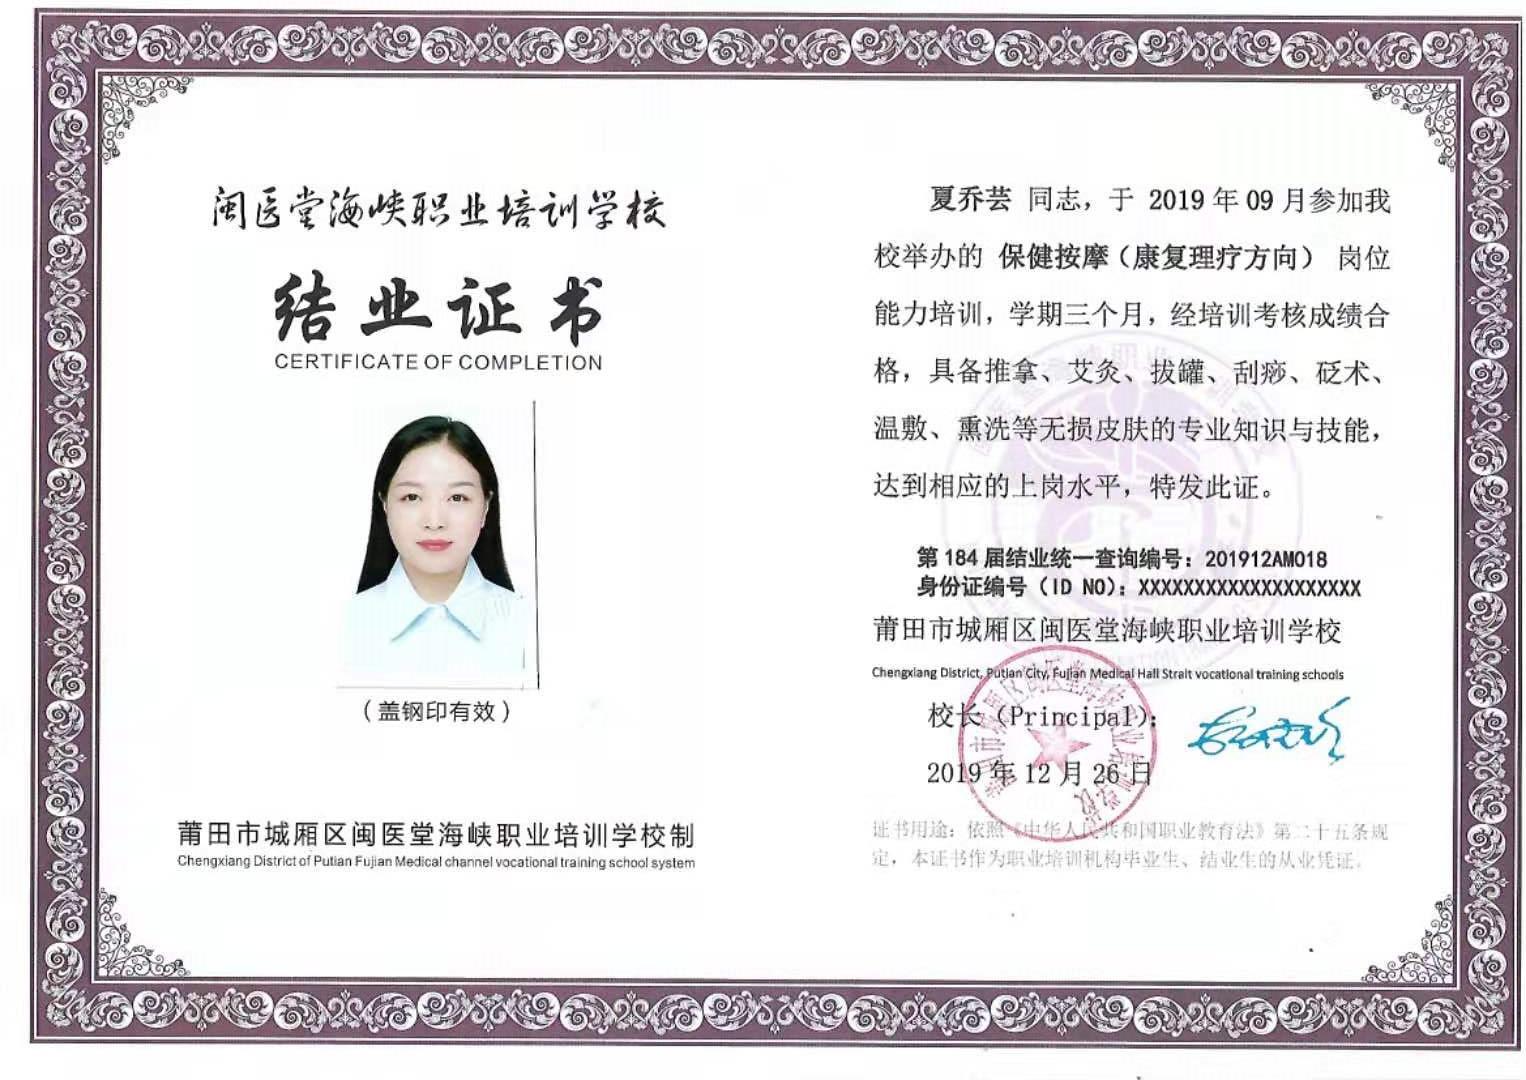 闽医堂学校结业证书